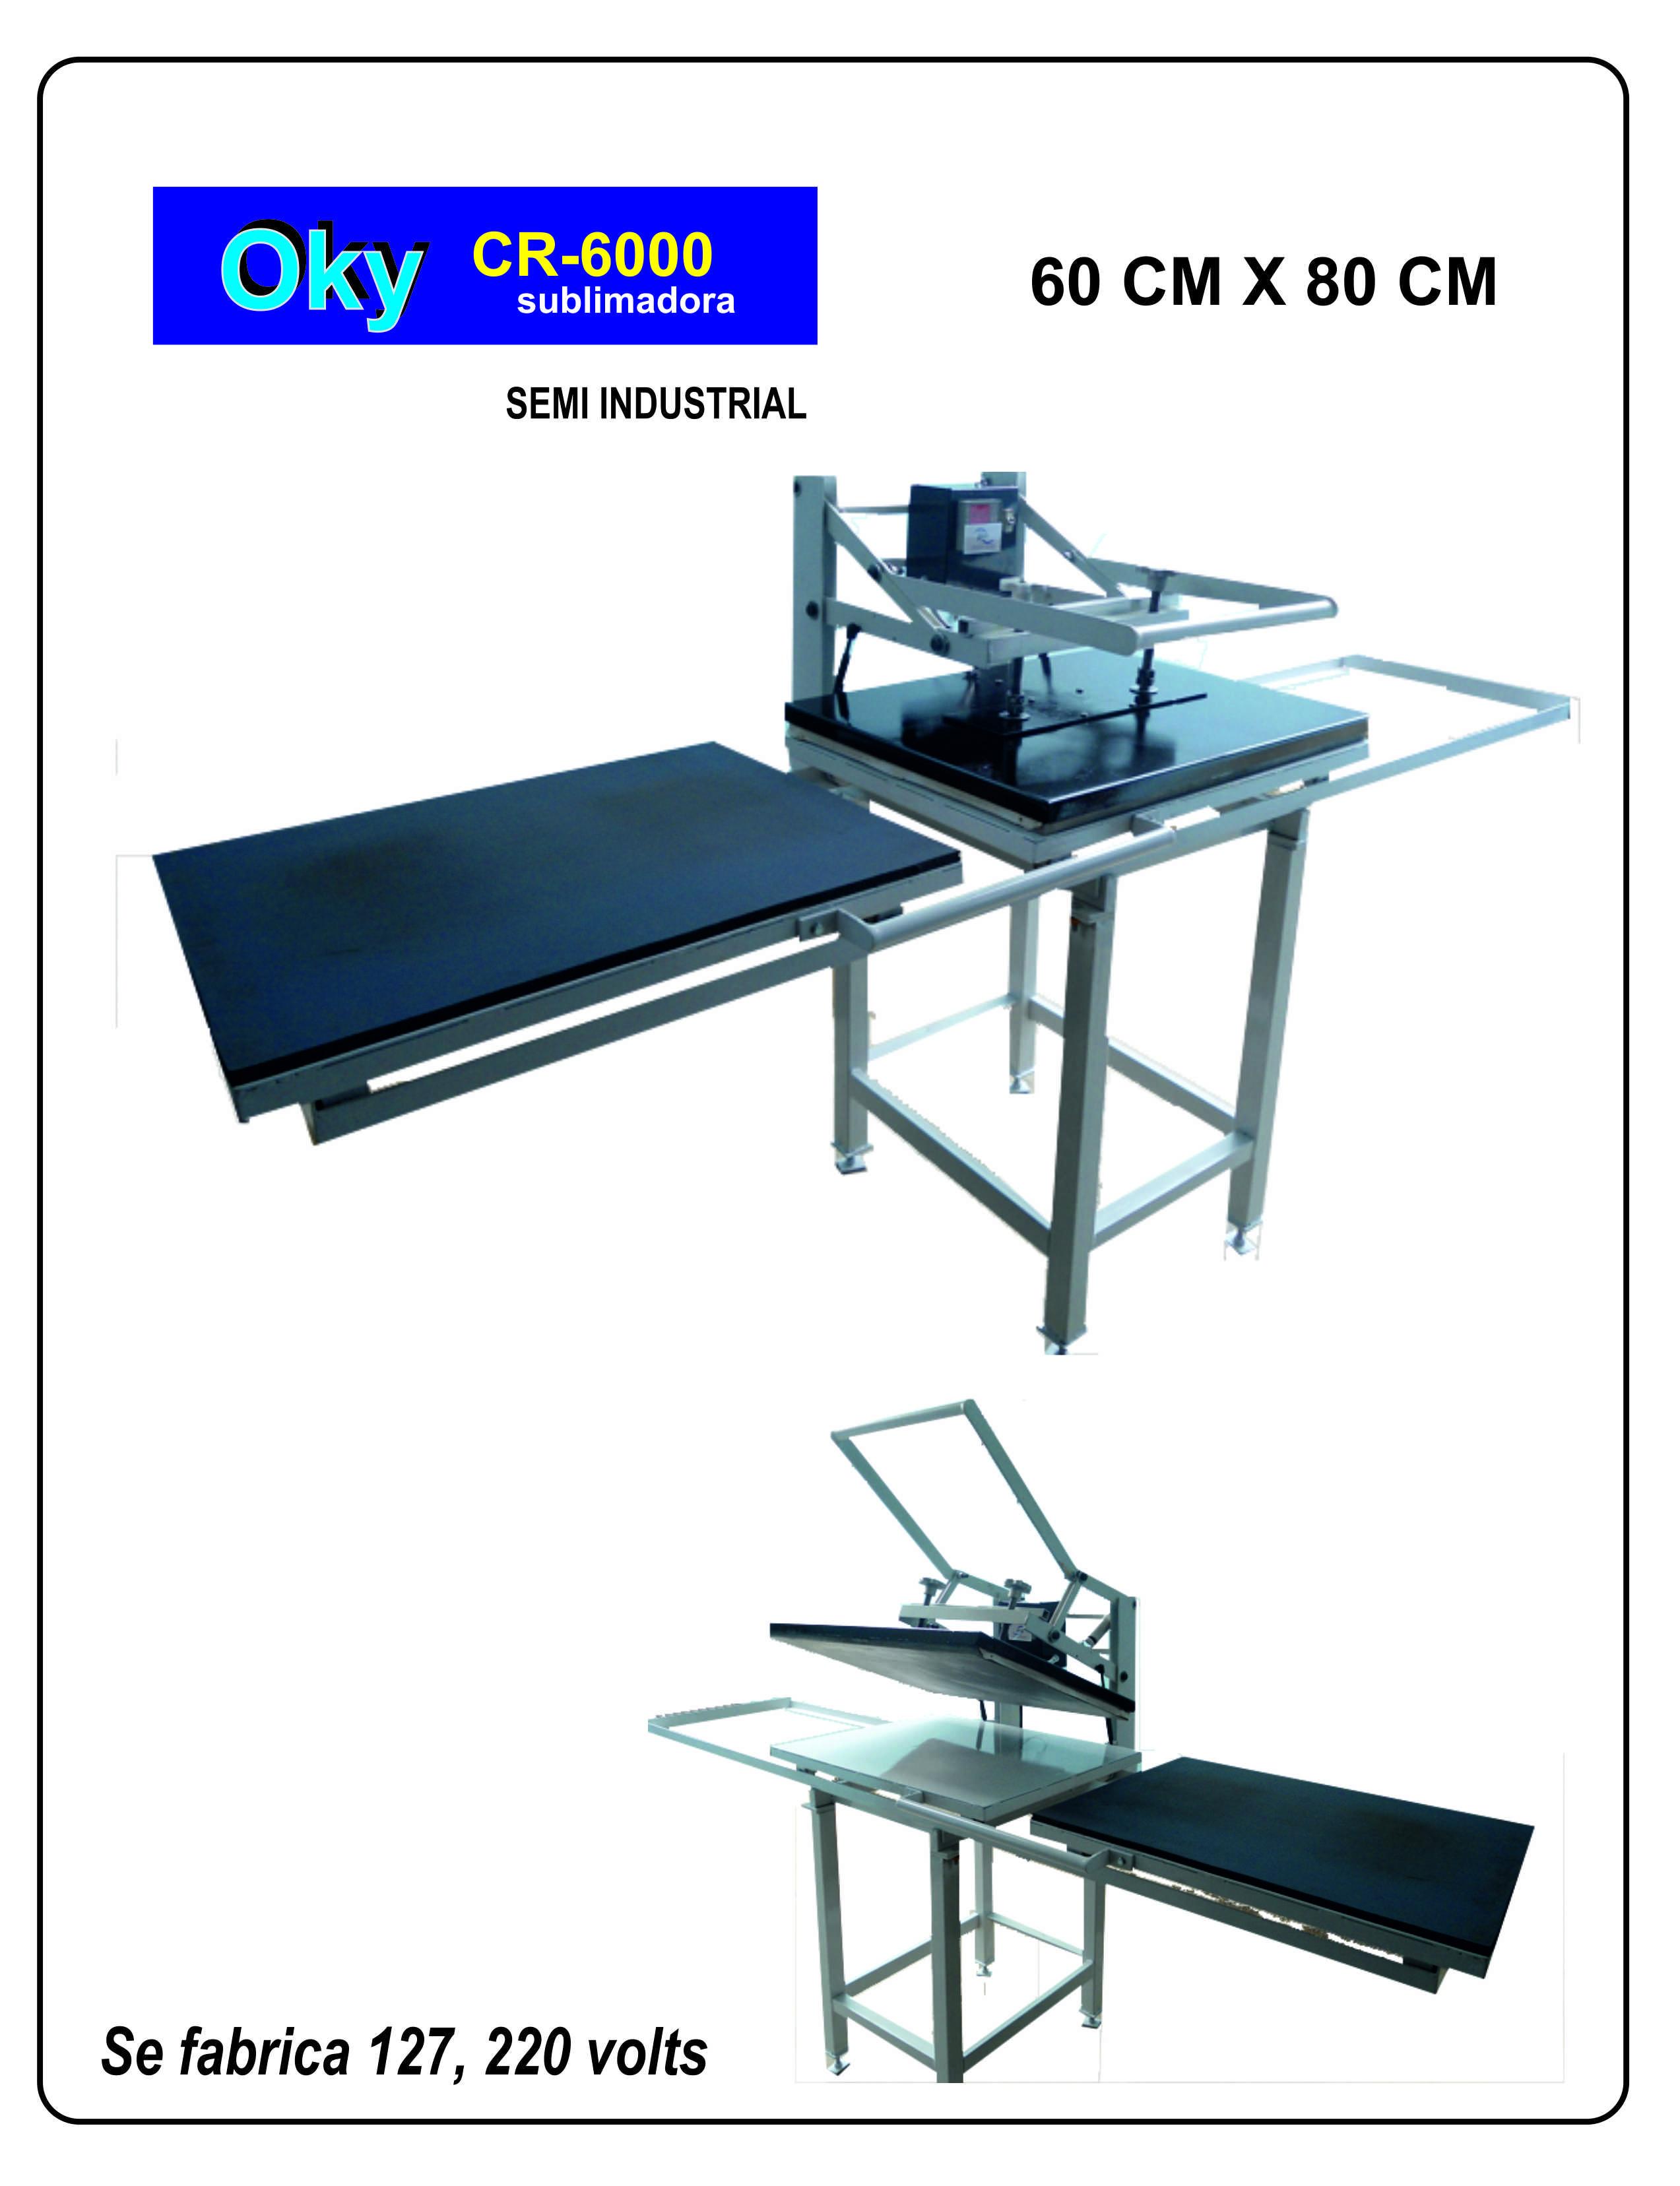 SUBLIMADORA OKY CR6000 60 CM X 80